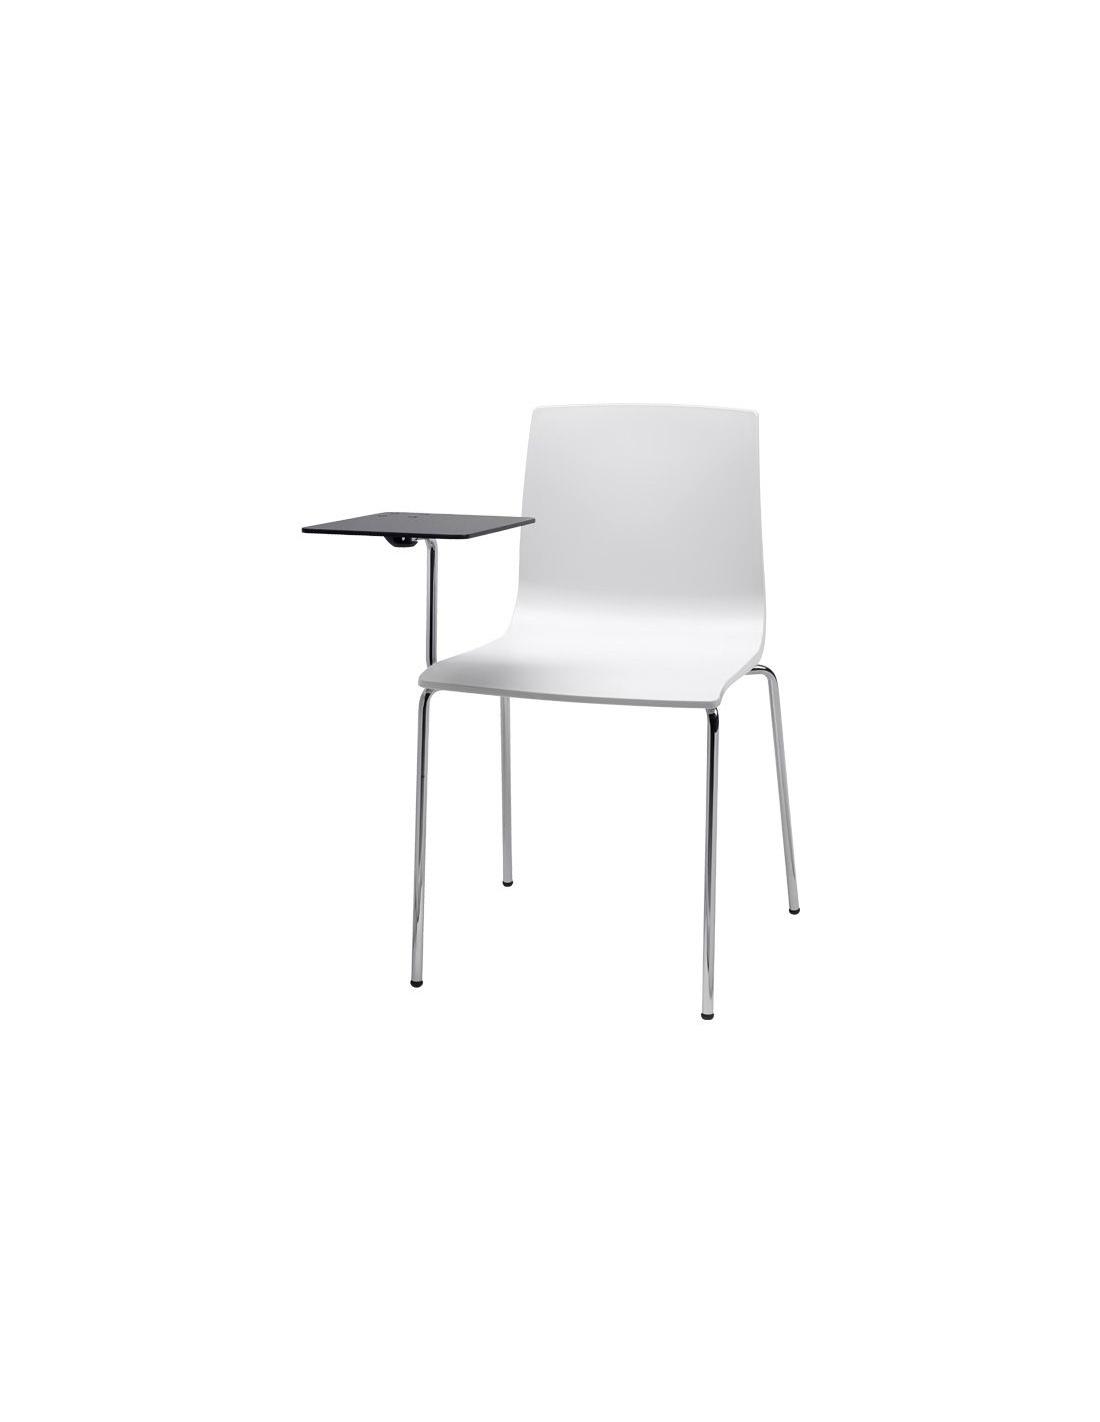 sedie alice chair con tavoletta scrittoio antipanico 2678